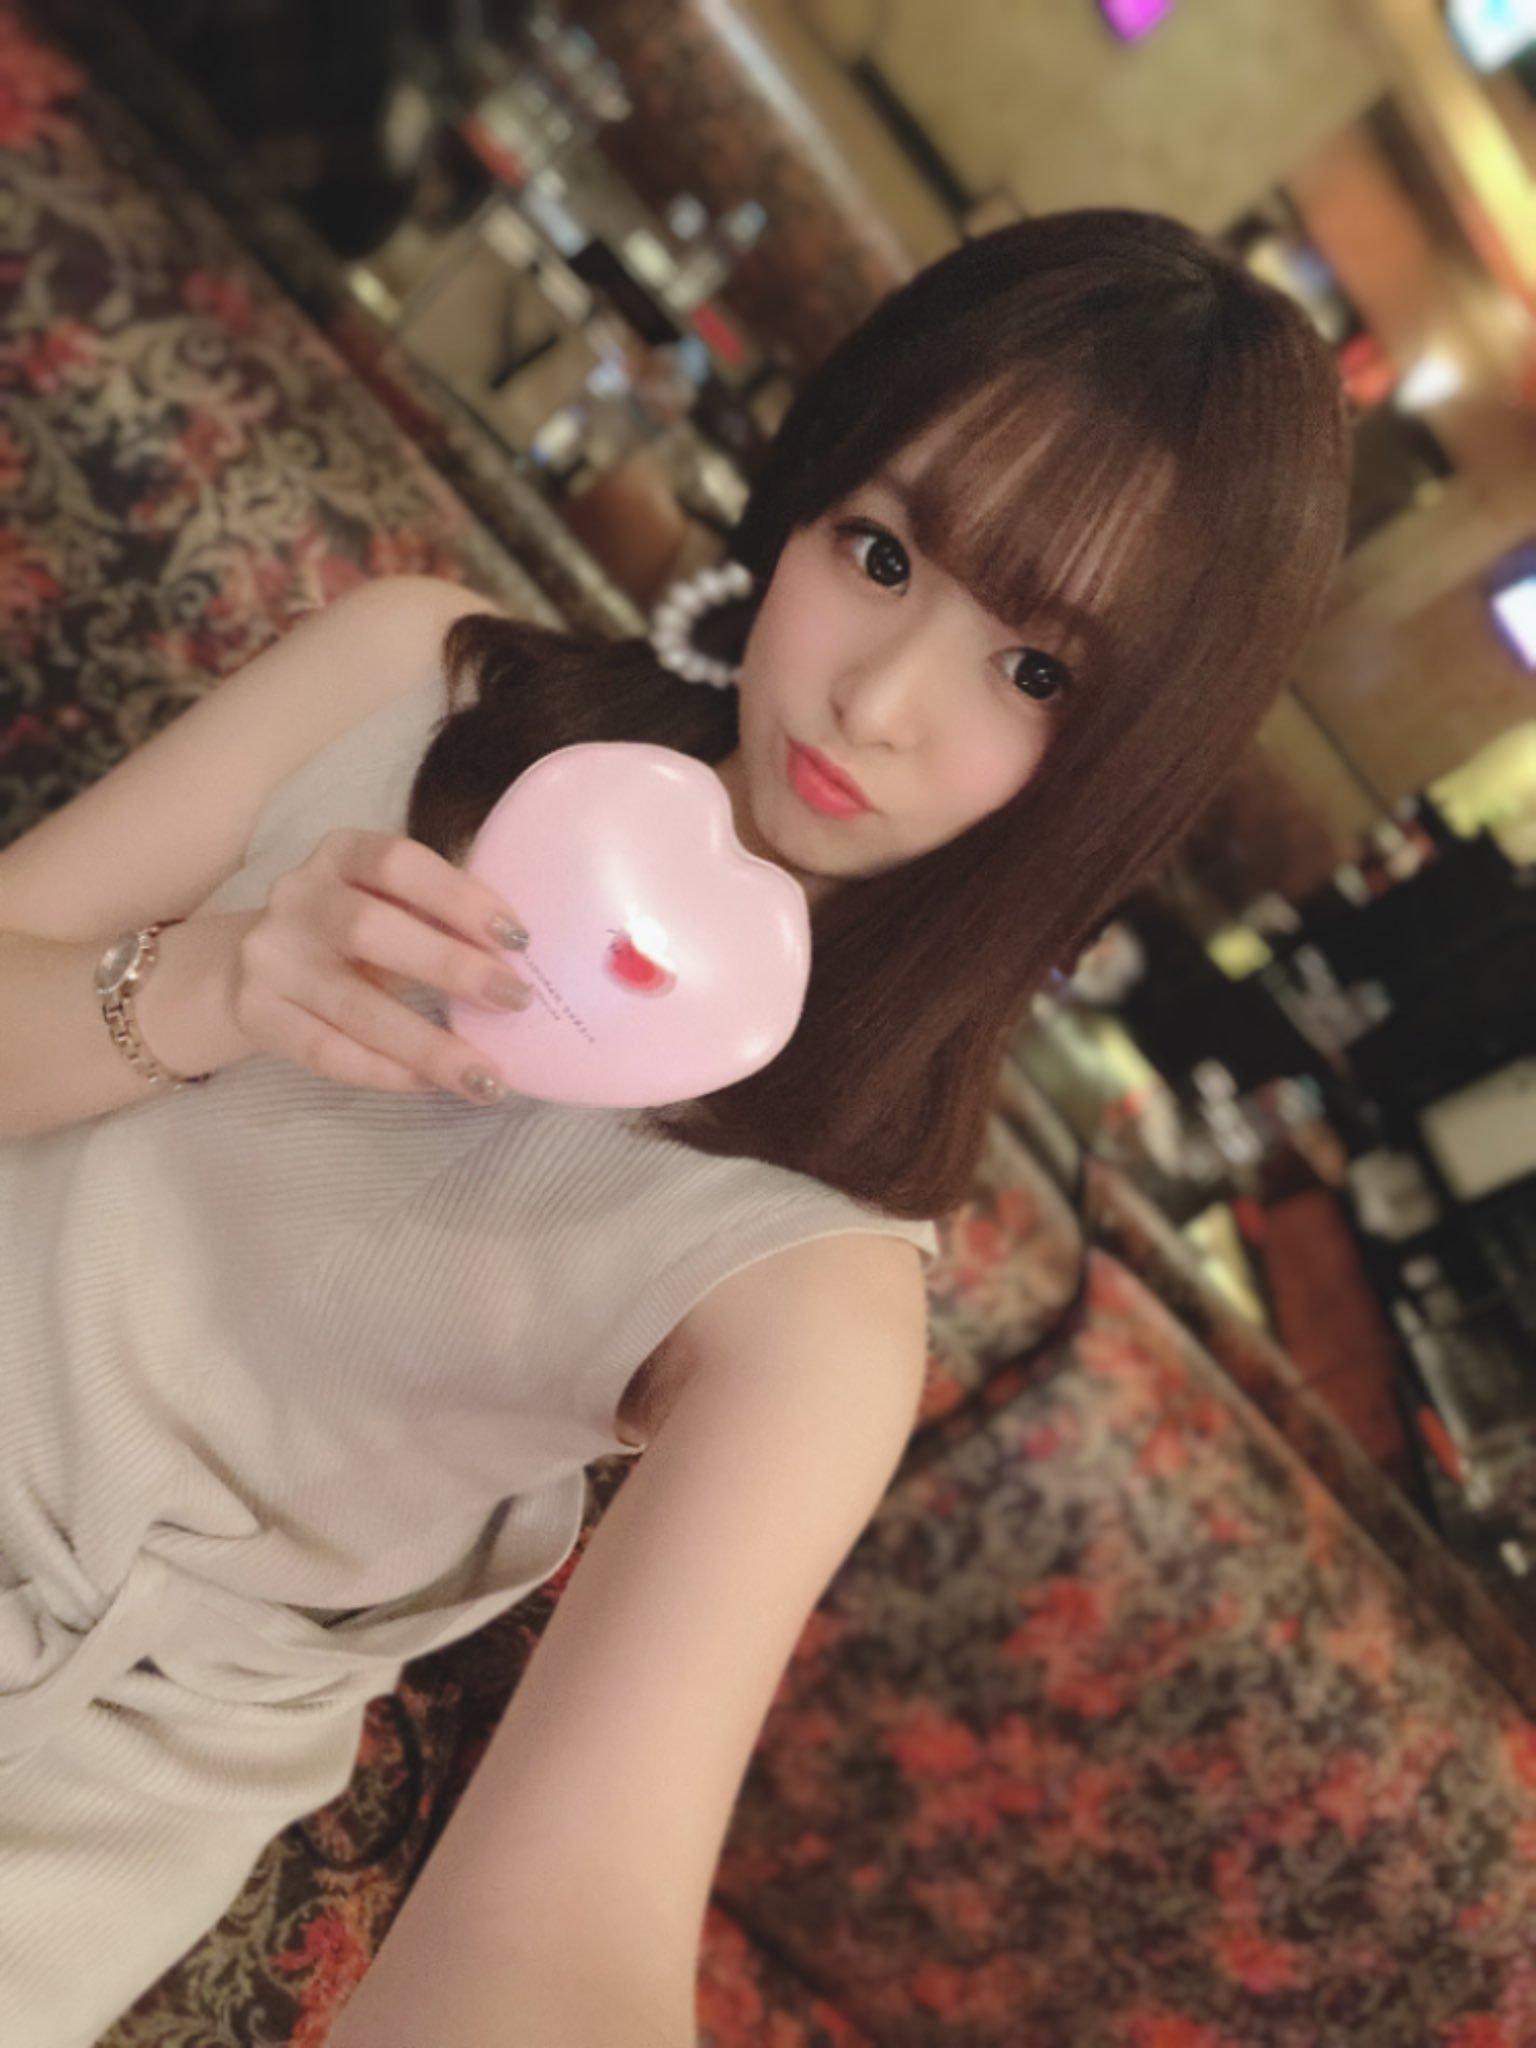 hikari_ninoheee 1240729791780671488_p1